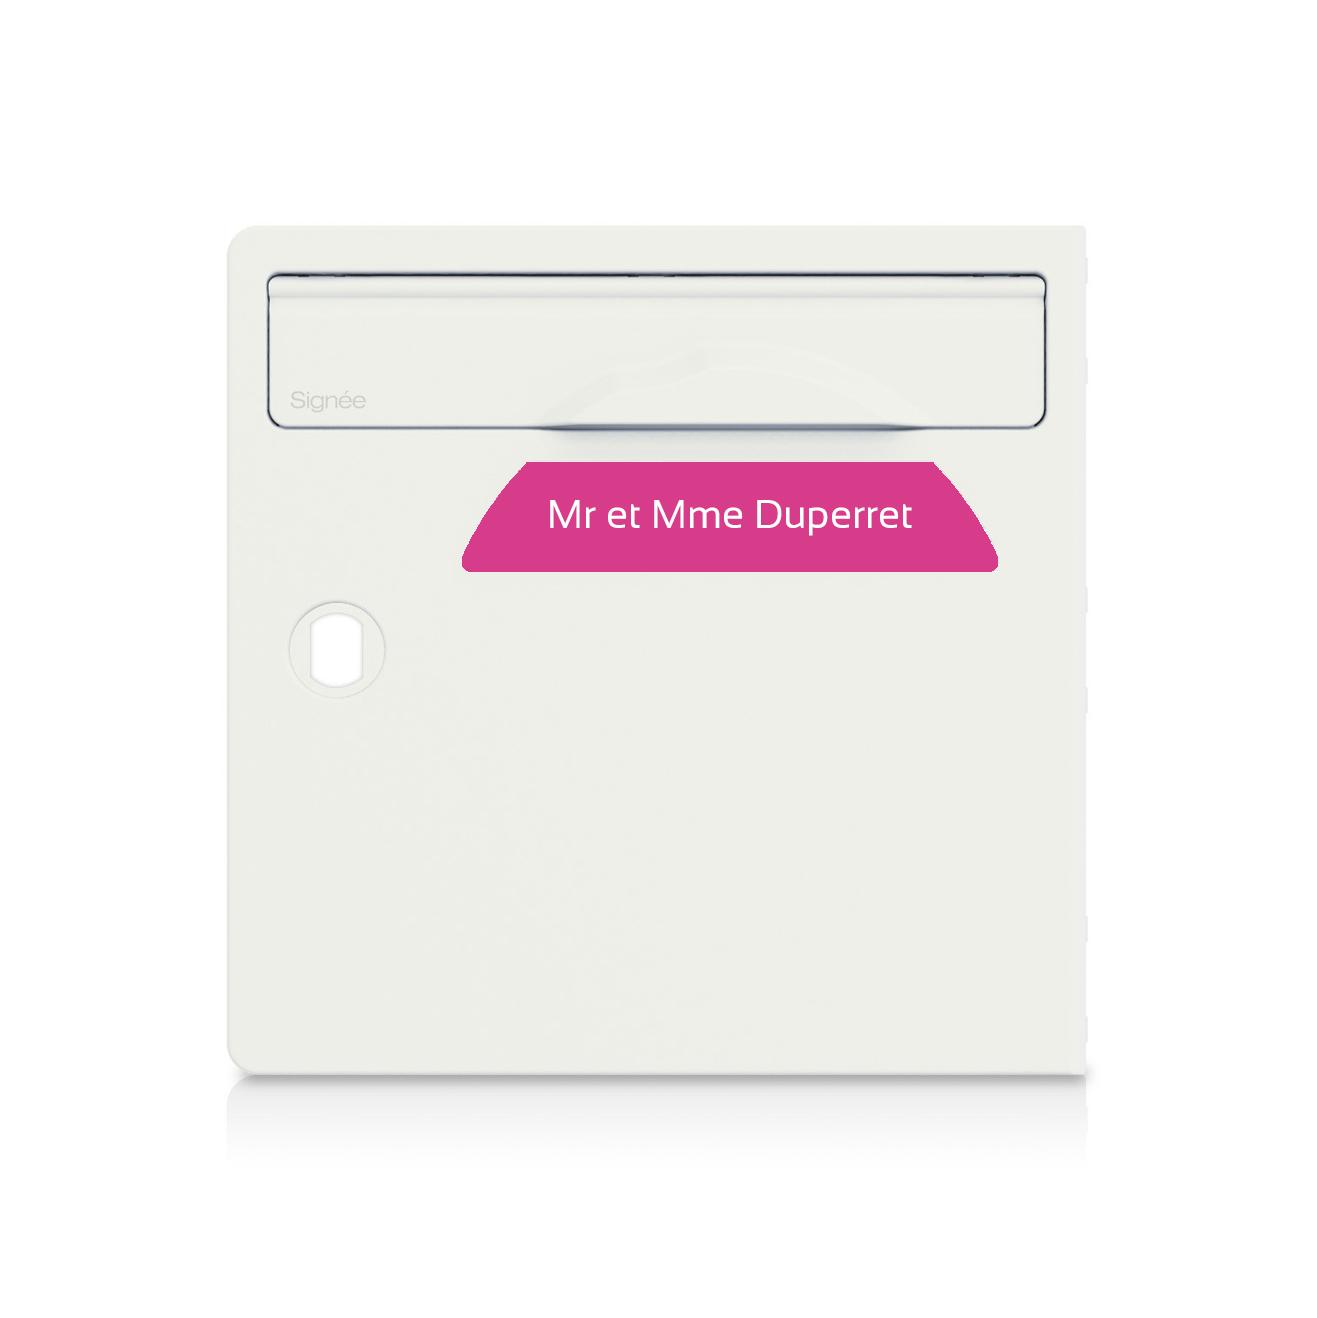 Plaque boite aux lettres Signée rose lettres blanches - 1 ligne